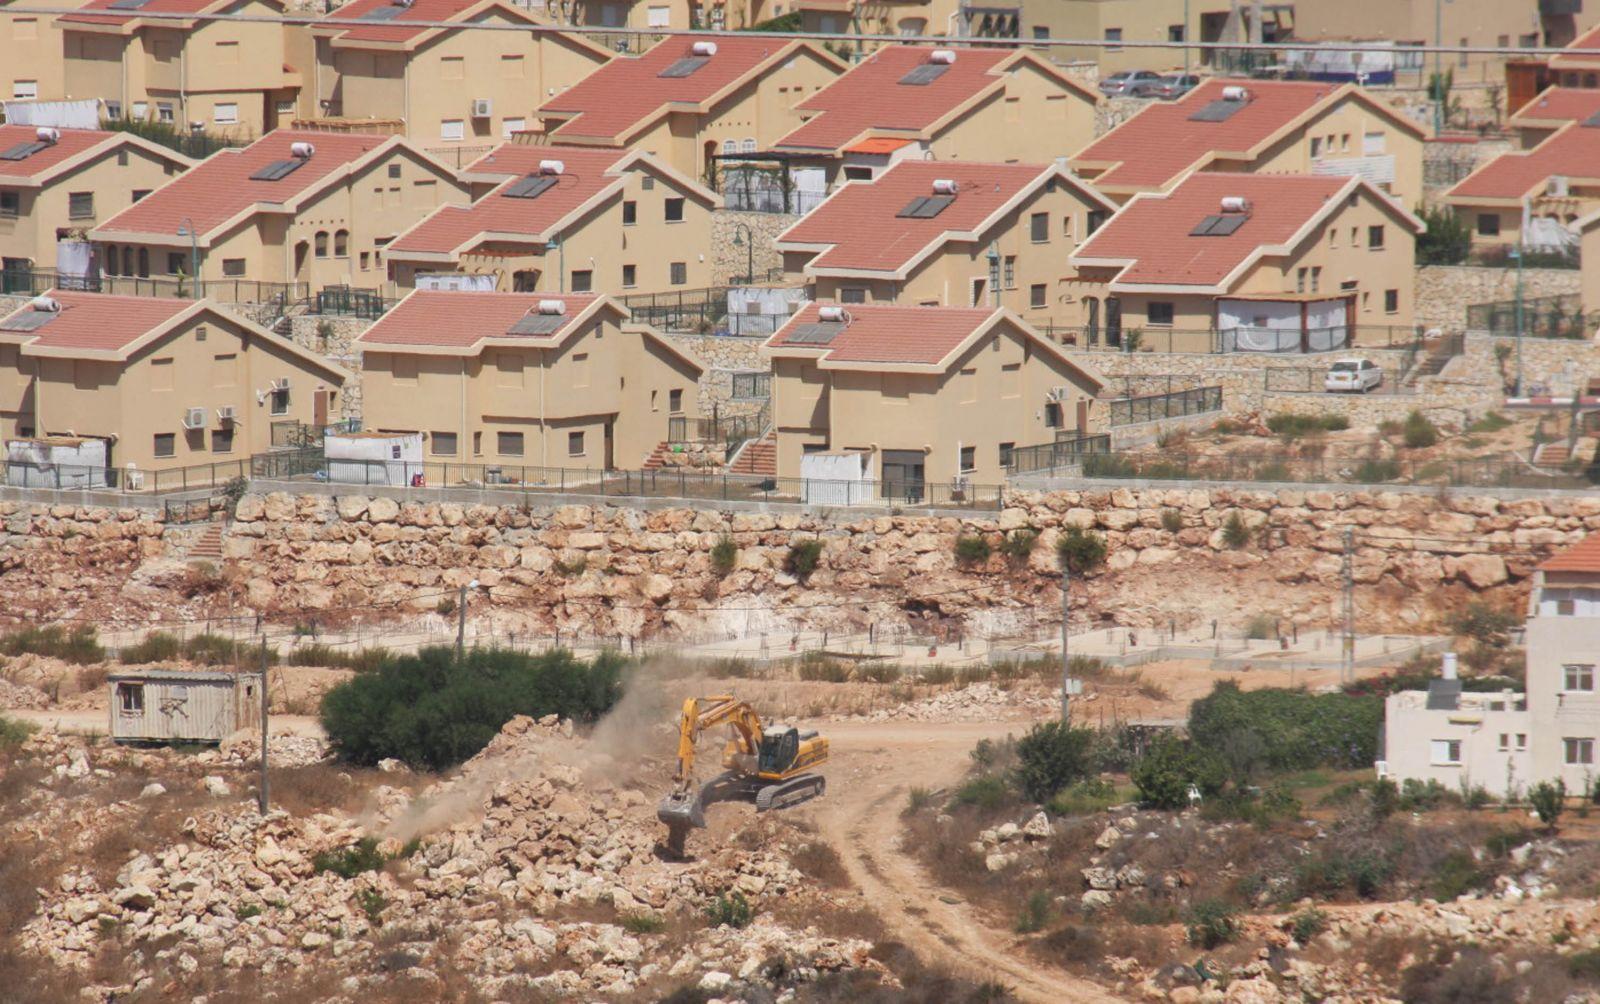 وزارة الإسكان الإسرائيلية تجهز لإقامة نحو 11.000 وحدة سكنية جديدة في القدس الشرقية